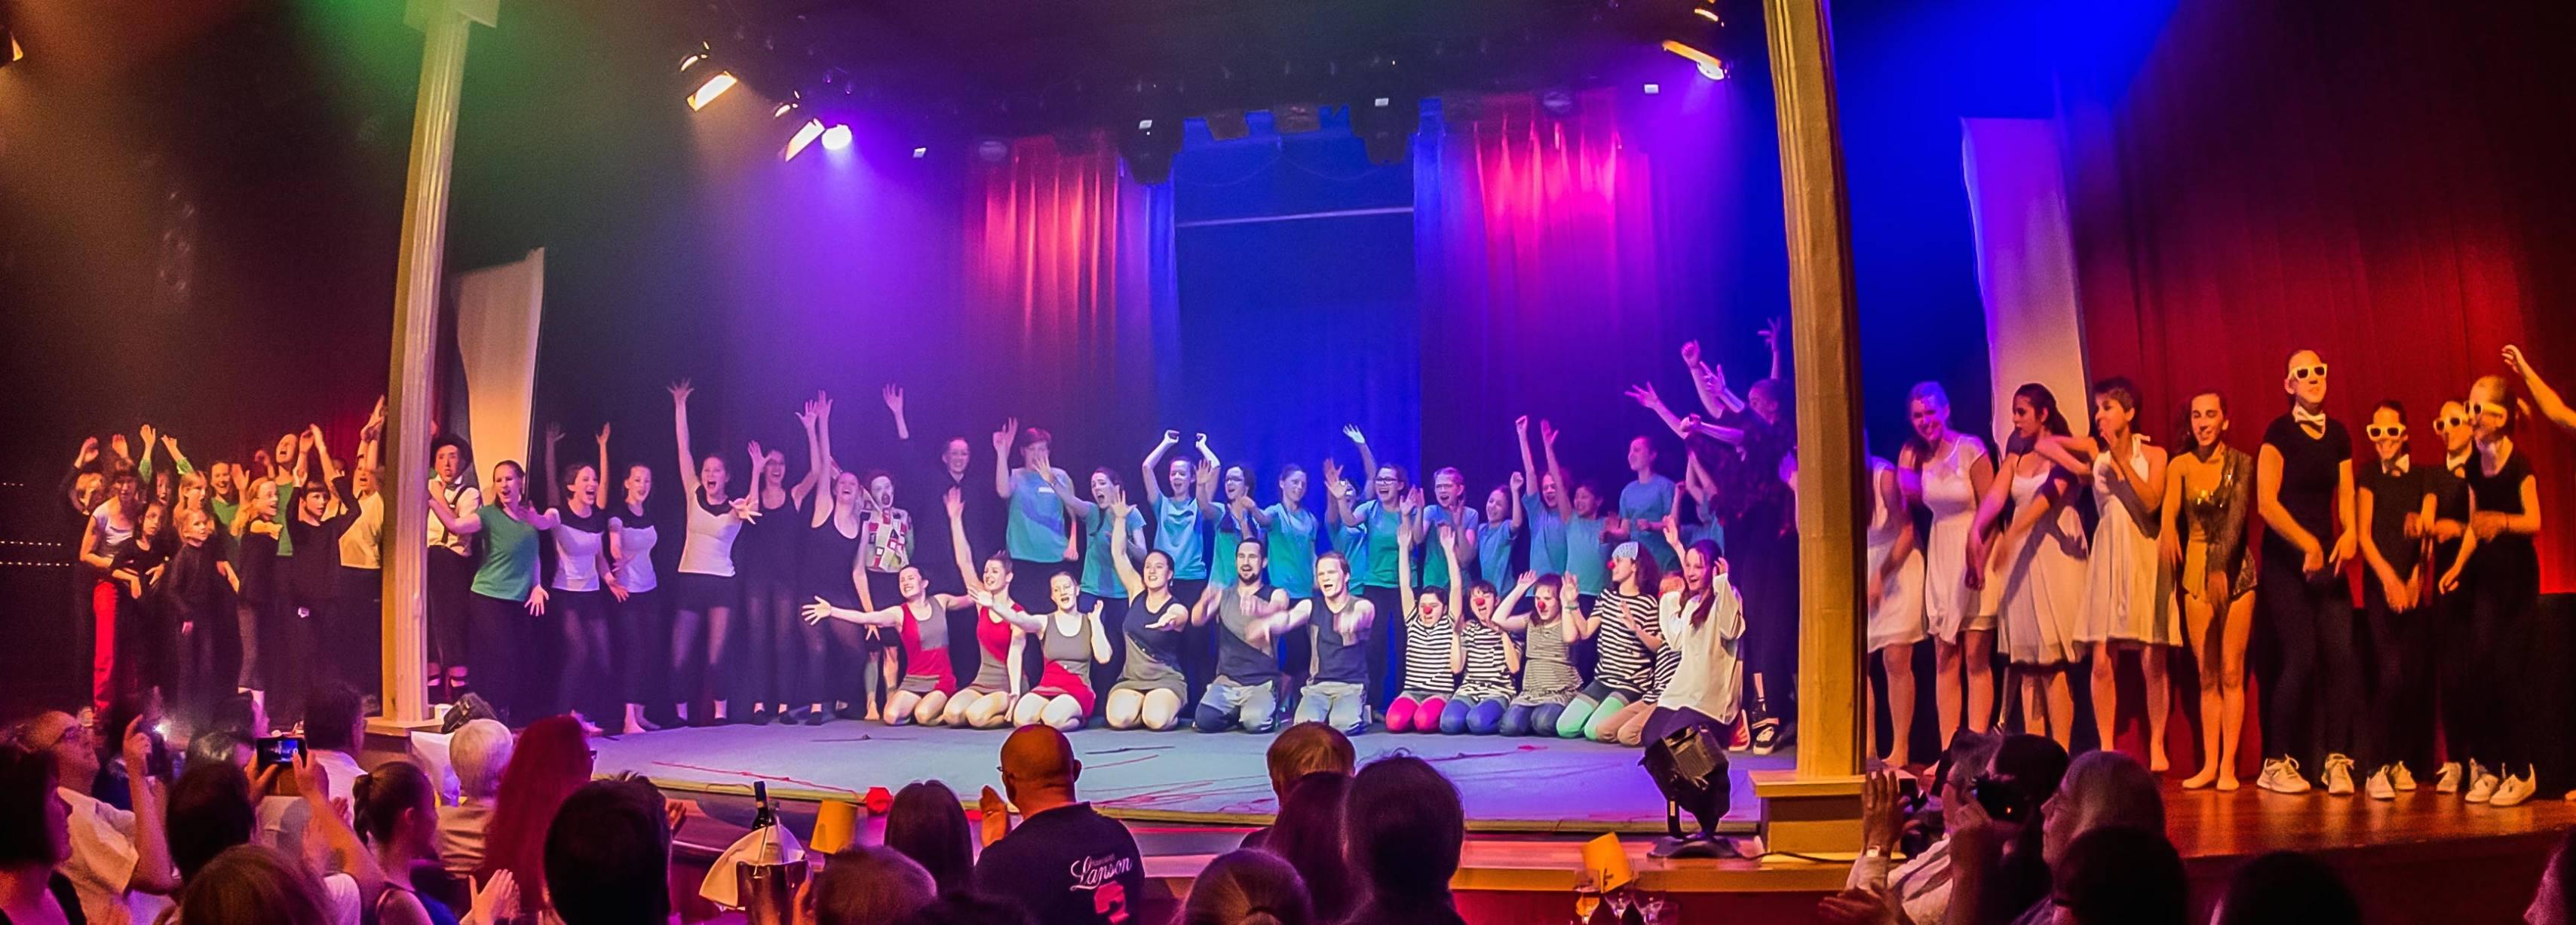 """12.06. – CircO: """"Rolle Rückwärts 11. Kinder- und Jugendzirkus Gala"""